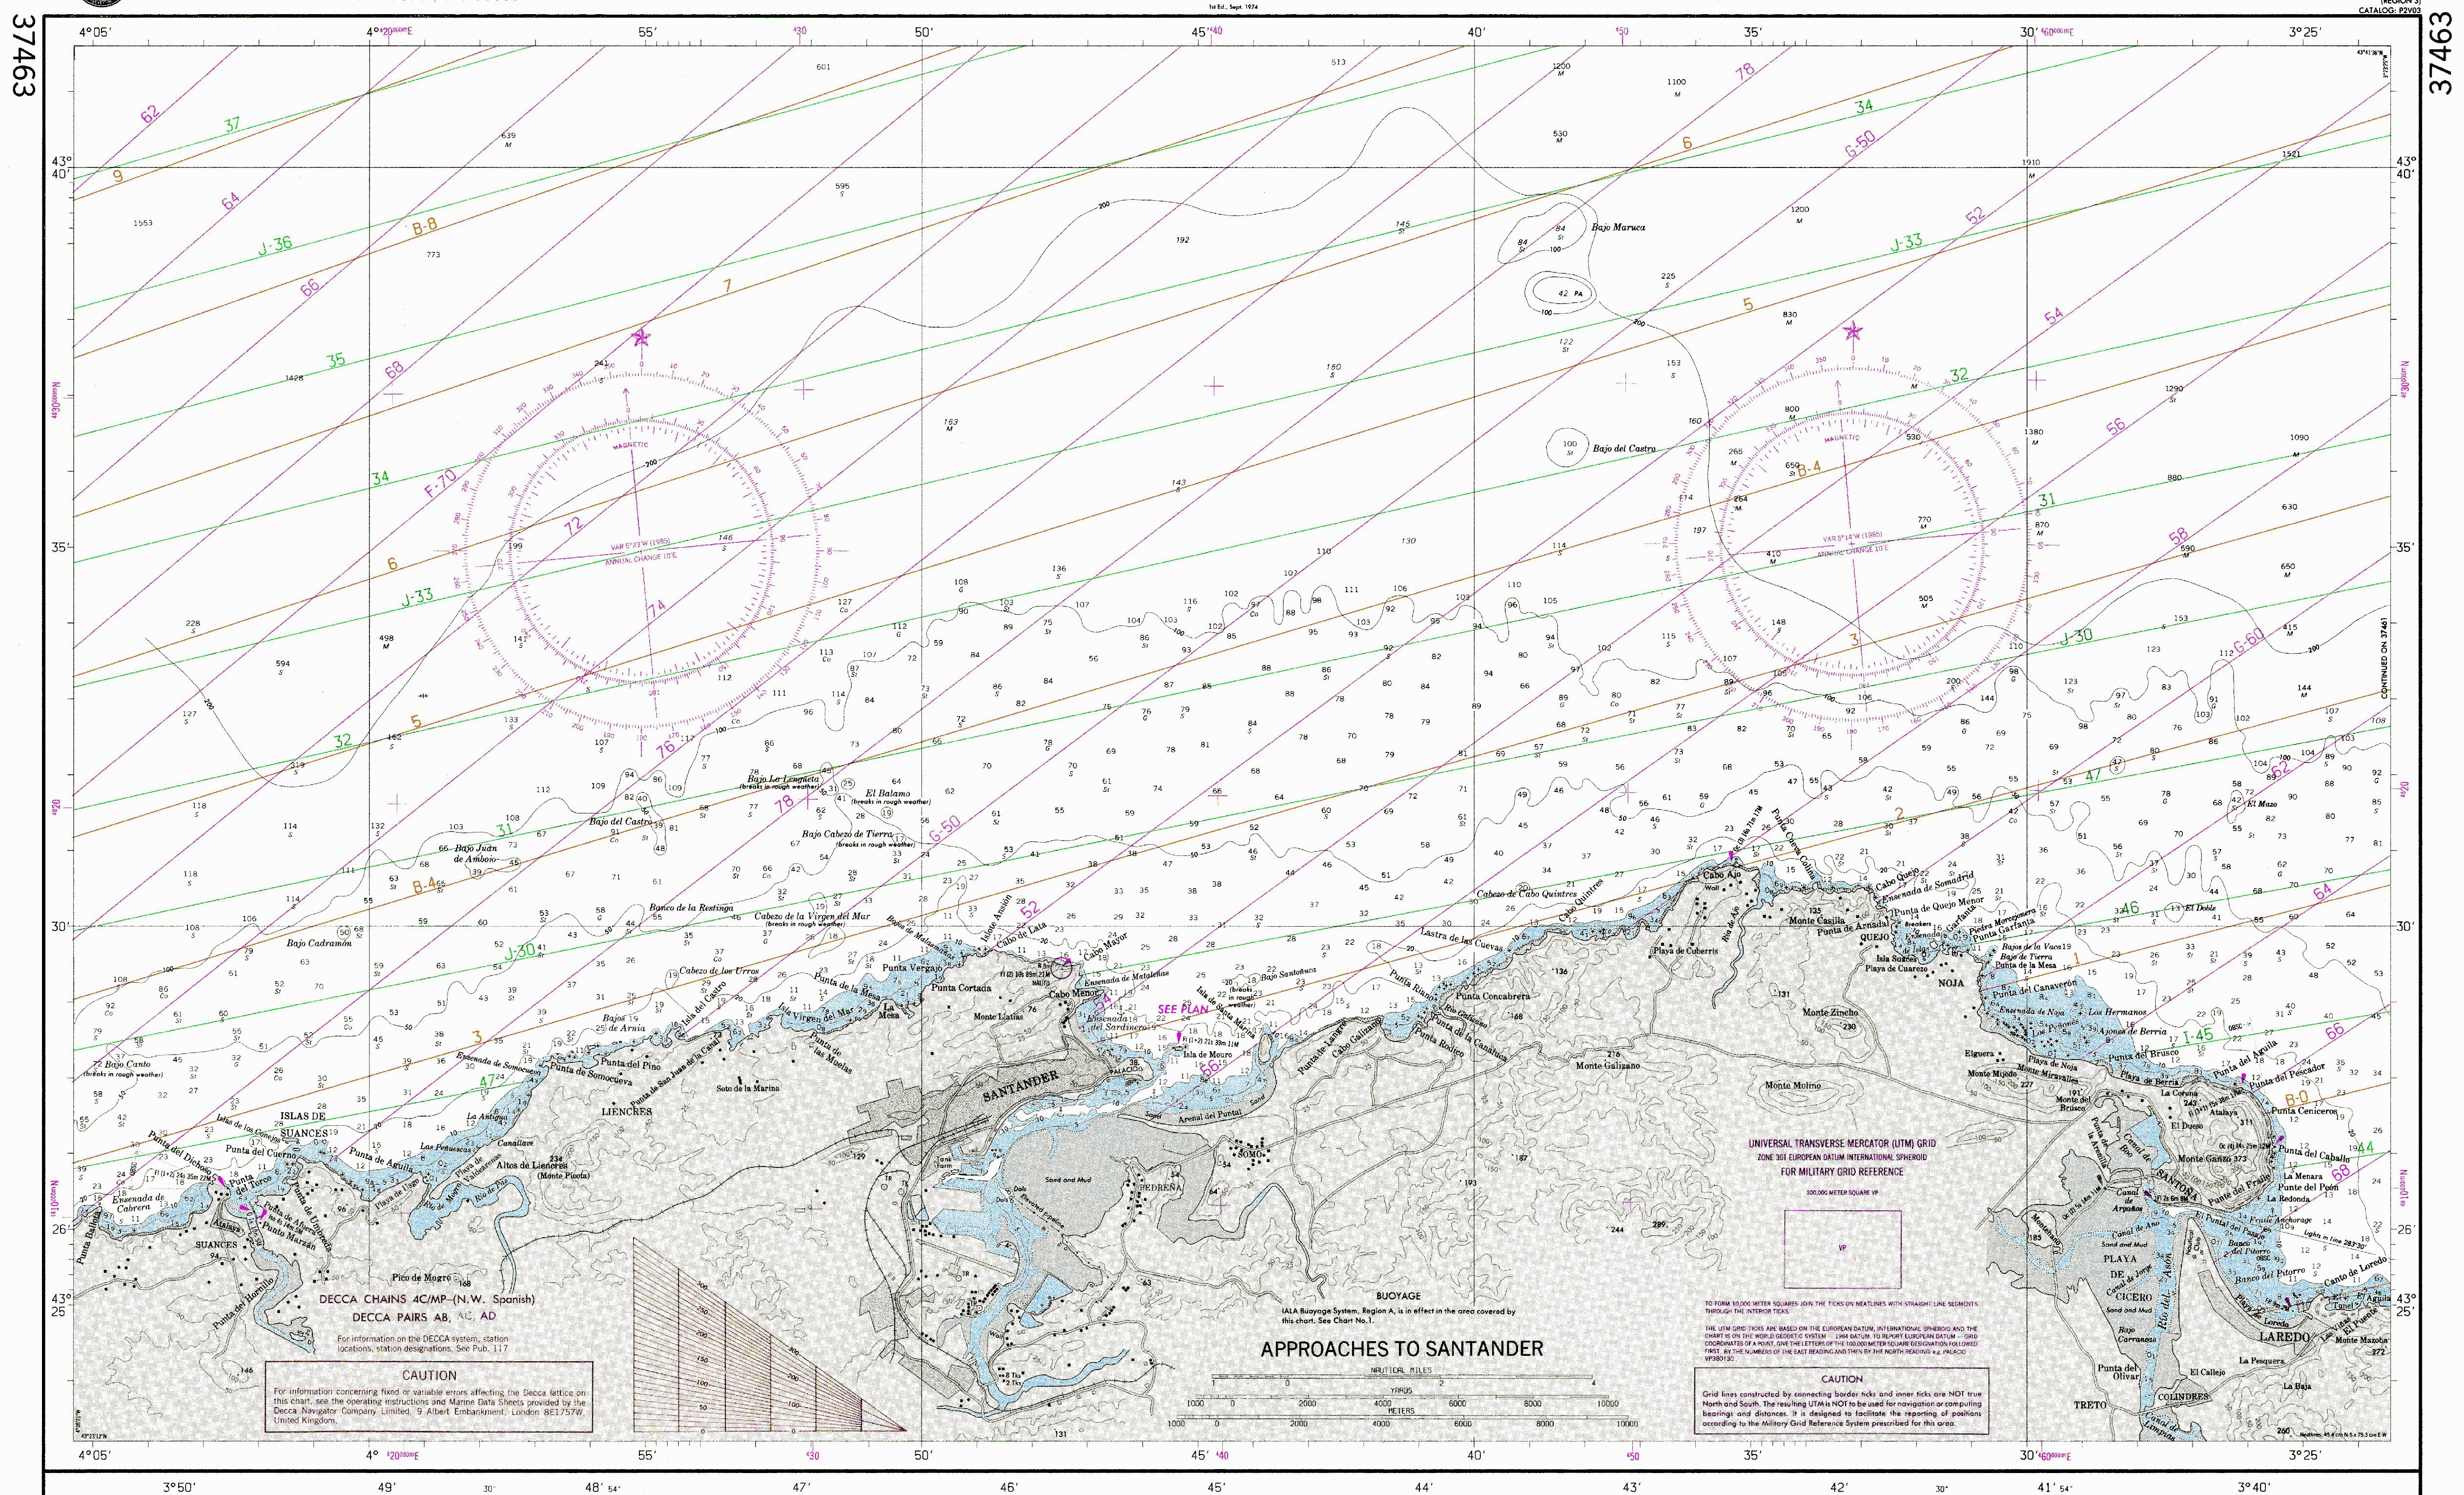 Carta náutica de los aproches de Santander